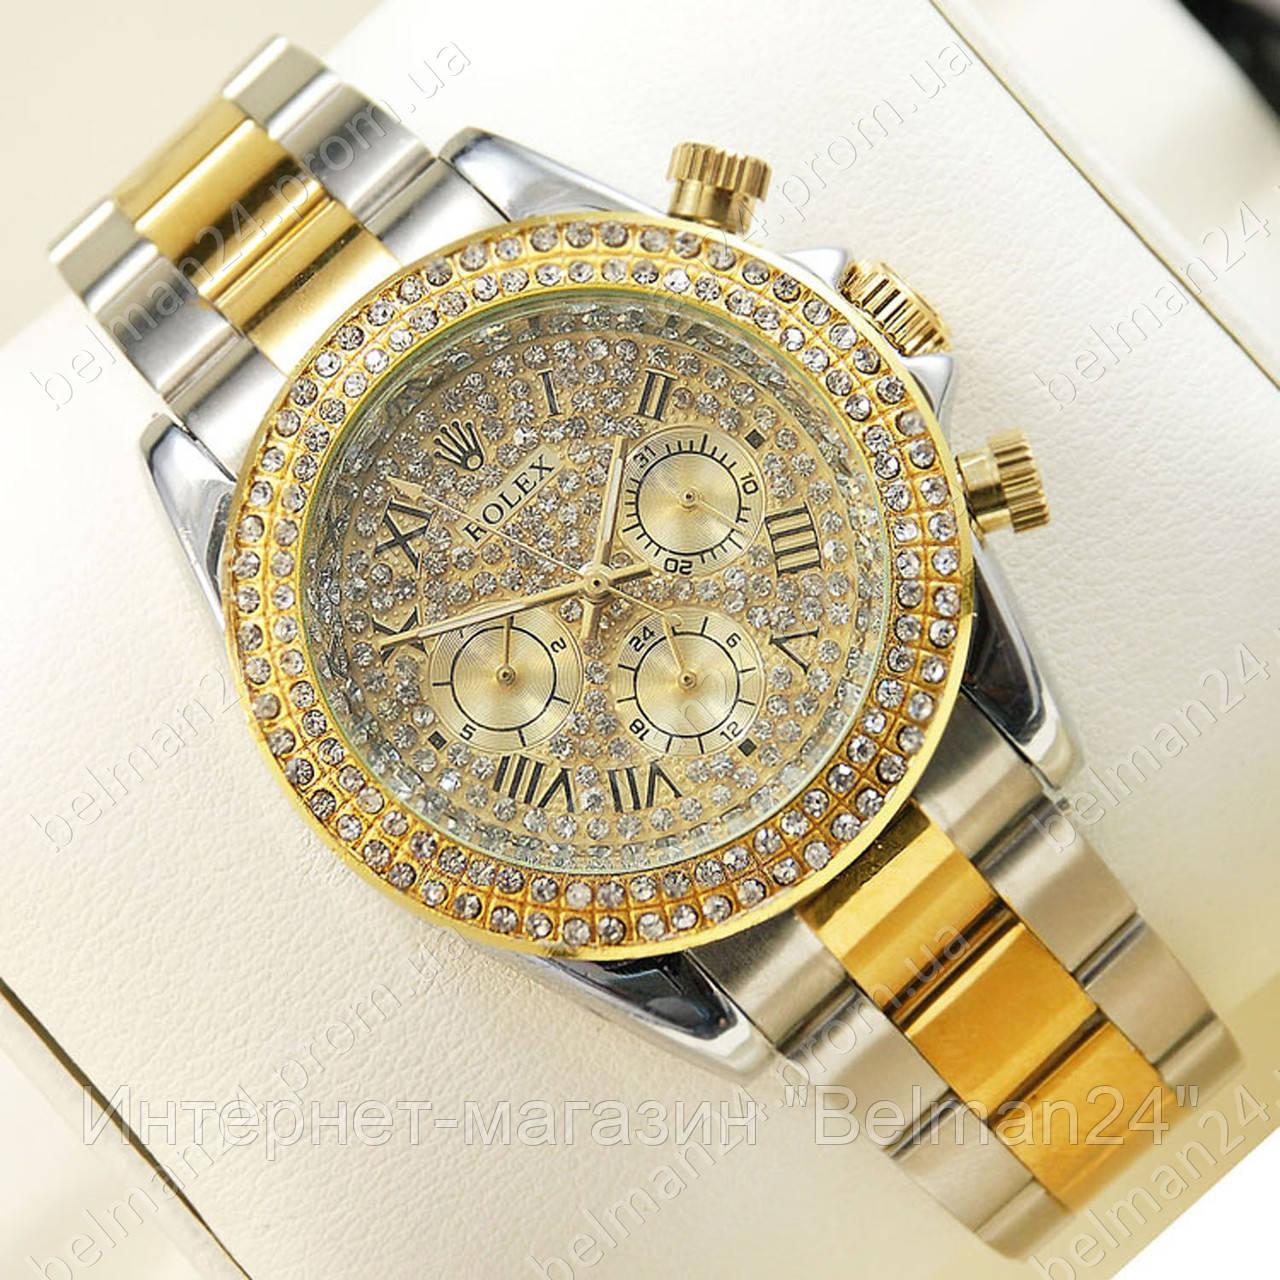 Часы Rolex Day-date купить копии в интернет-магазине